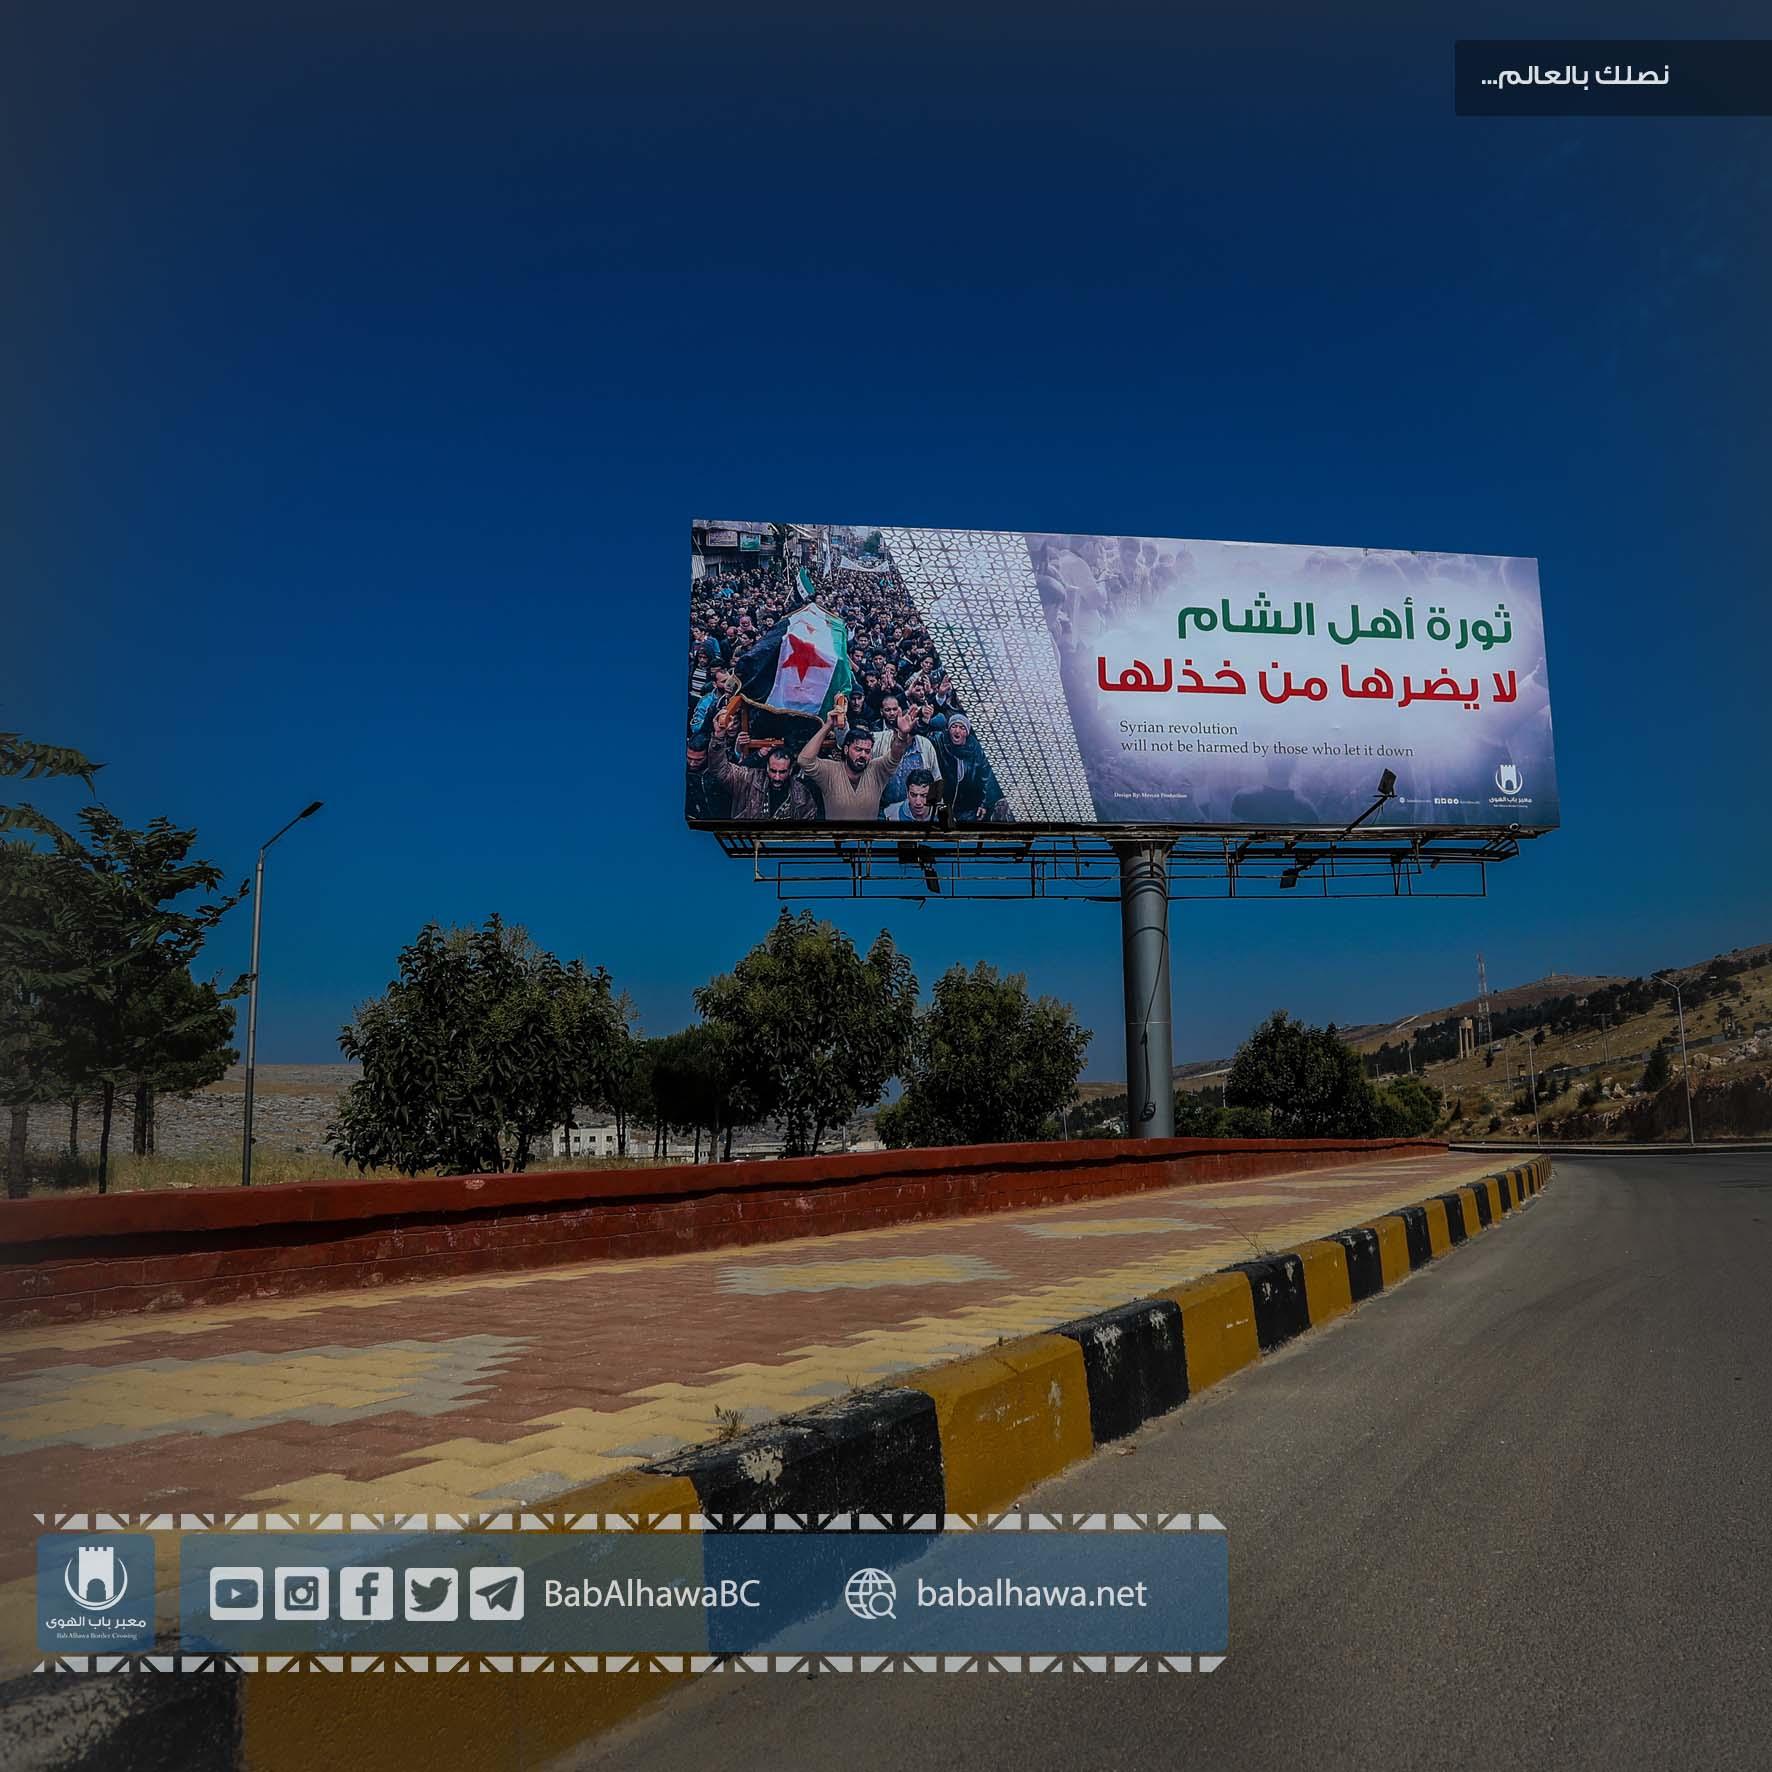 ثورة أهل الشام لا يضرها من خذلها